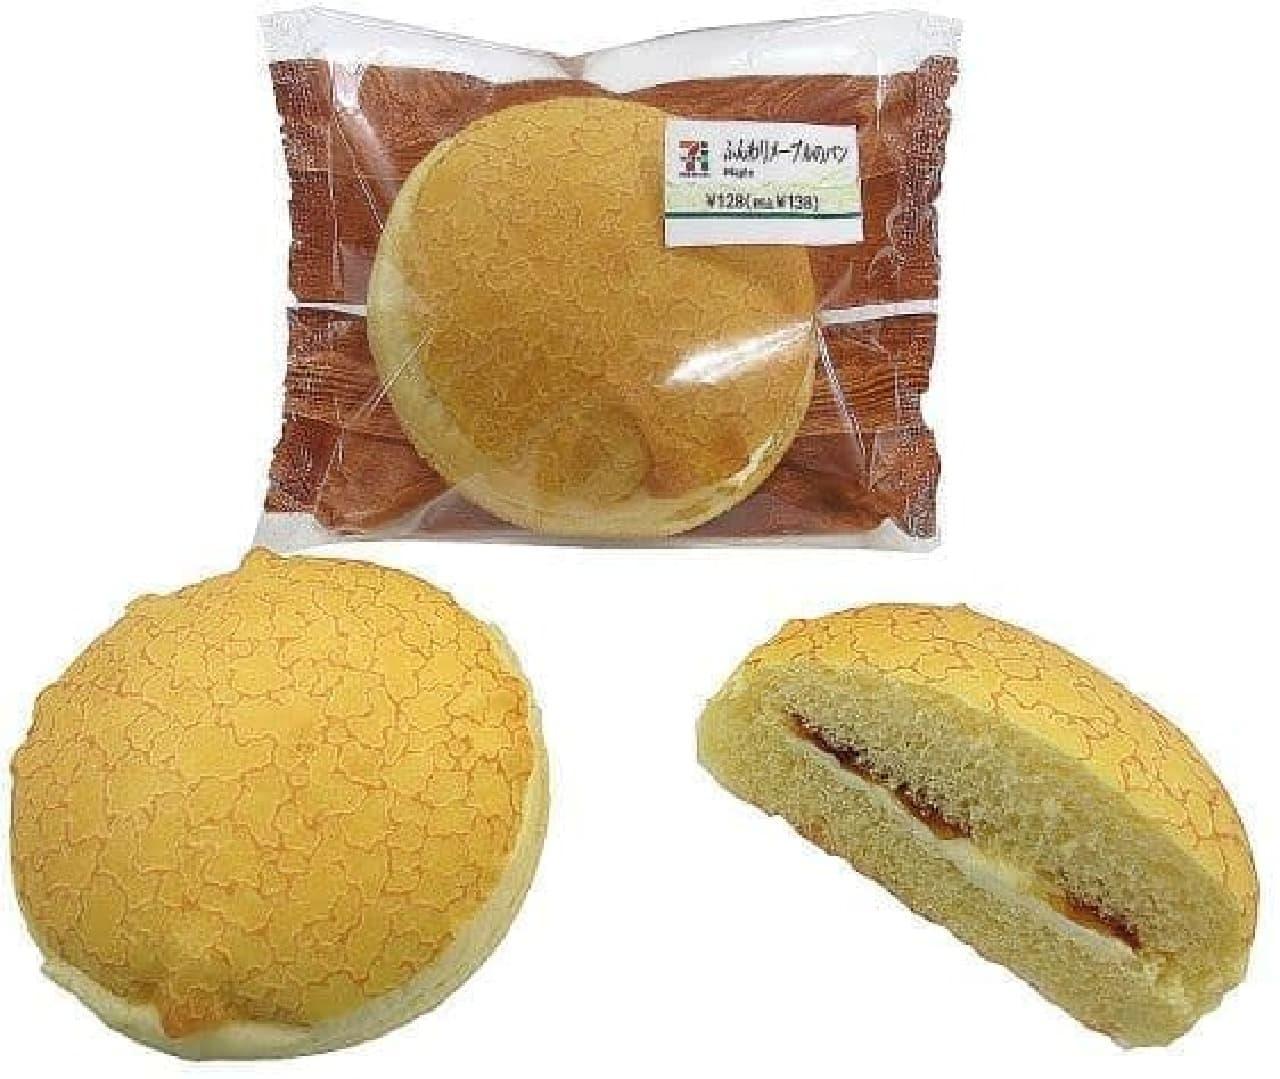 セブン-イレブン「ふんわりメープルのパン」